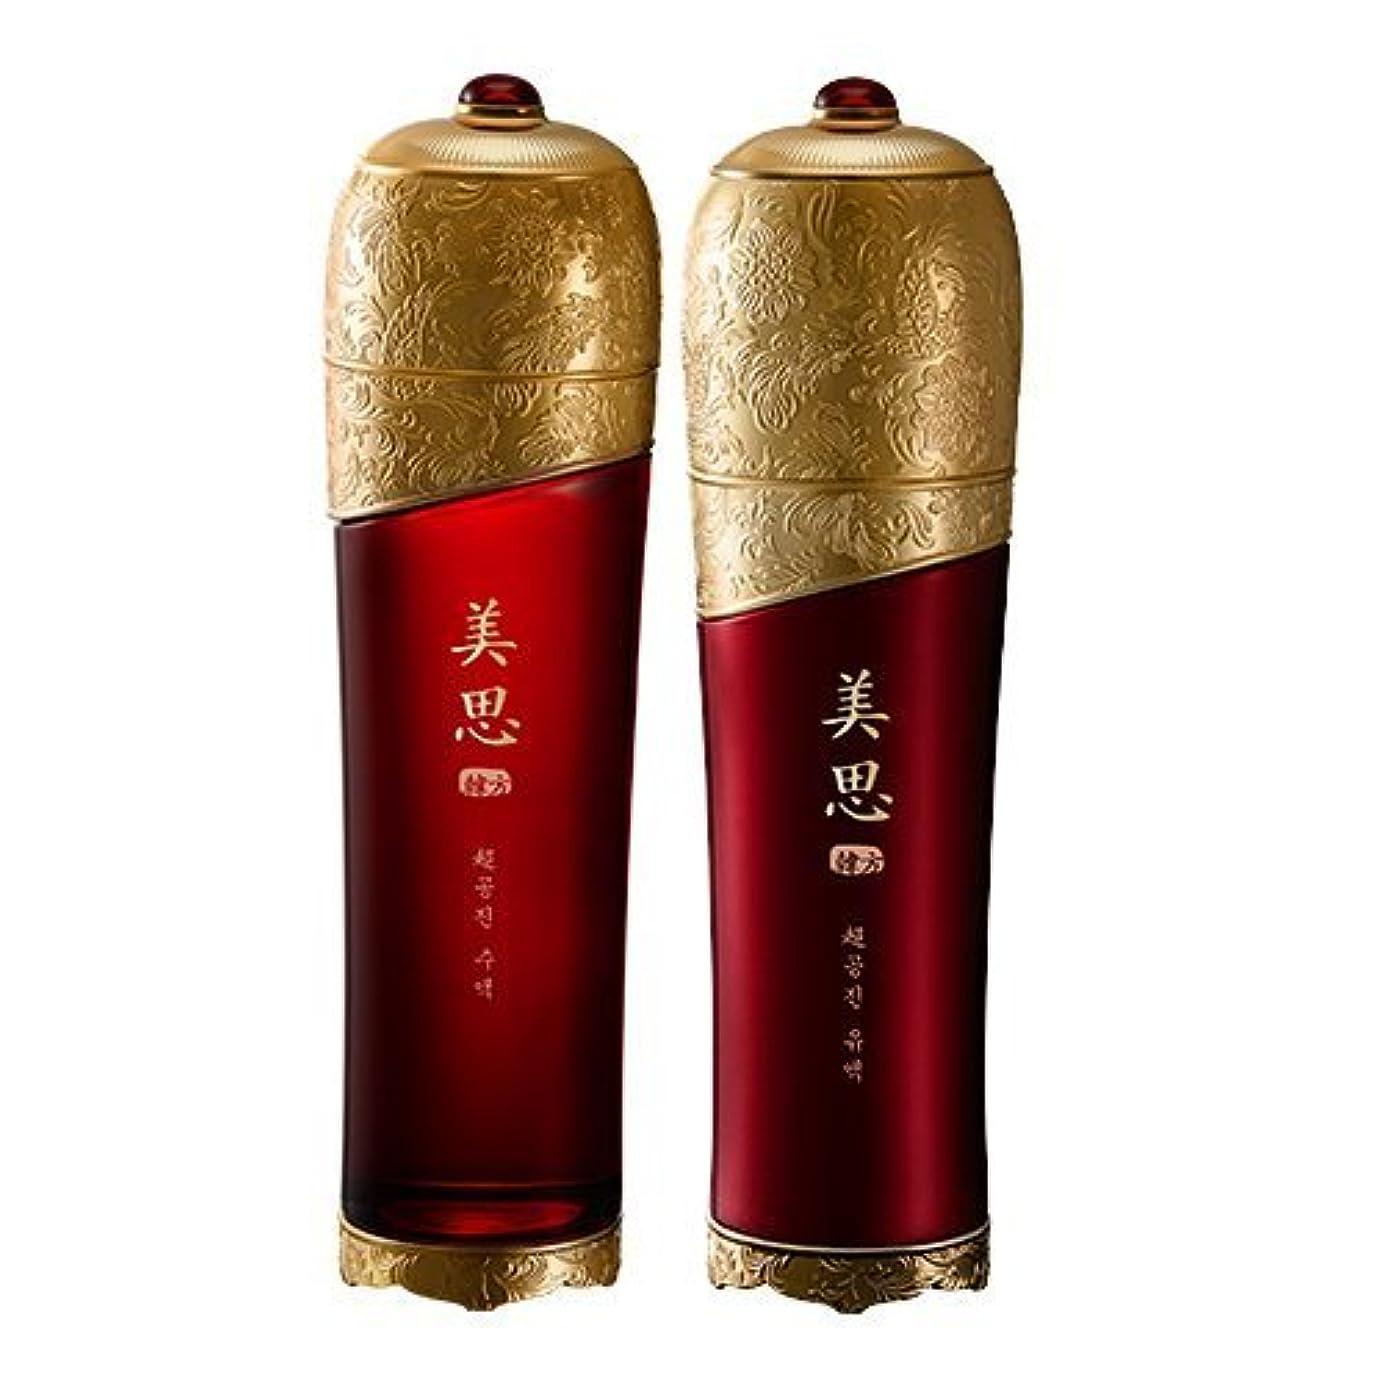 集団エピソードポジティブMISSHA(ミシャ) 美思 韓方 チョゴンジン 基礎化粧品 スキンケア 化粧水+乳液=お得2種Set